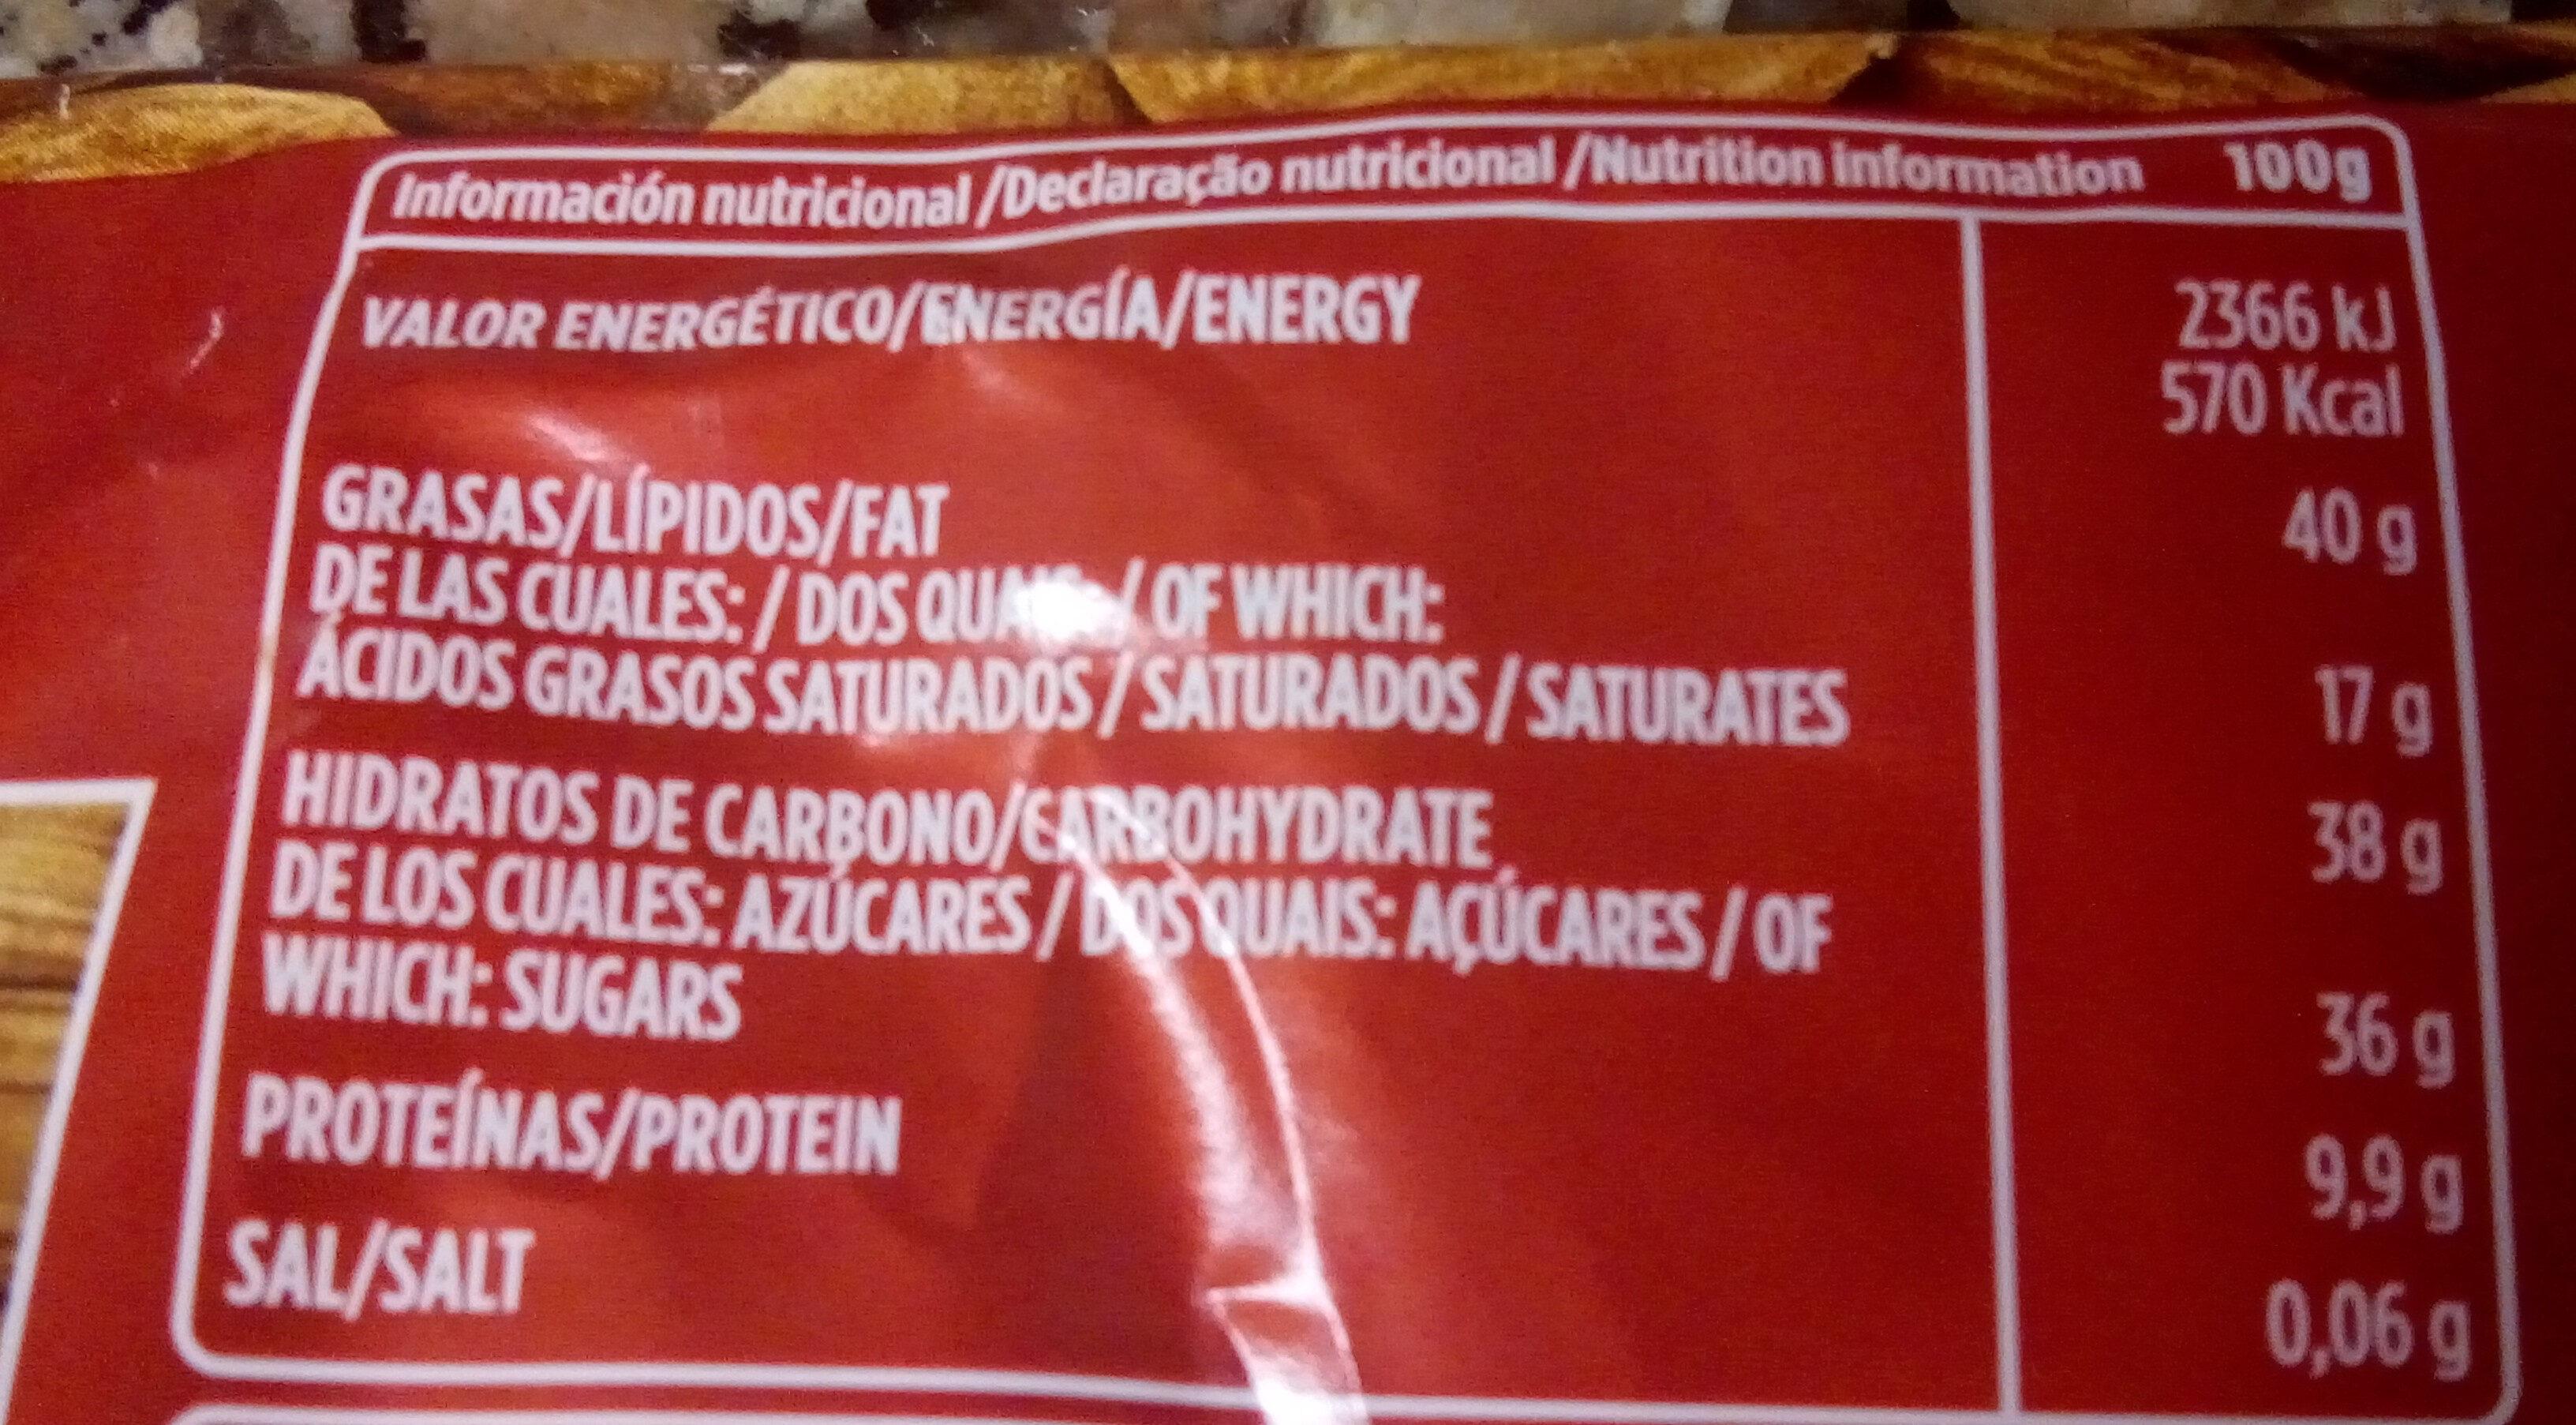 Chocolate puro con almendras - Nutrition facts - es